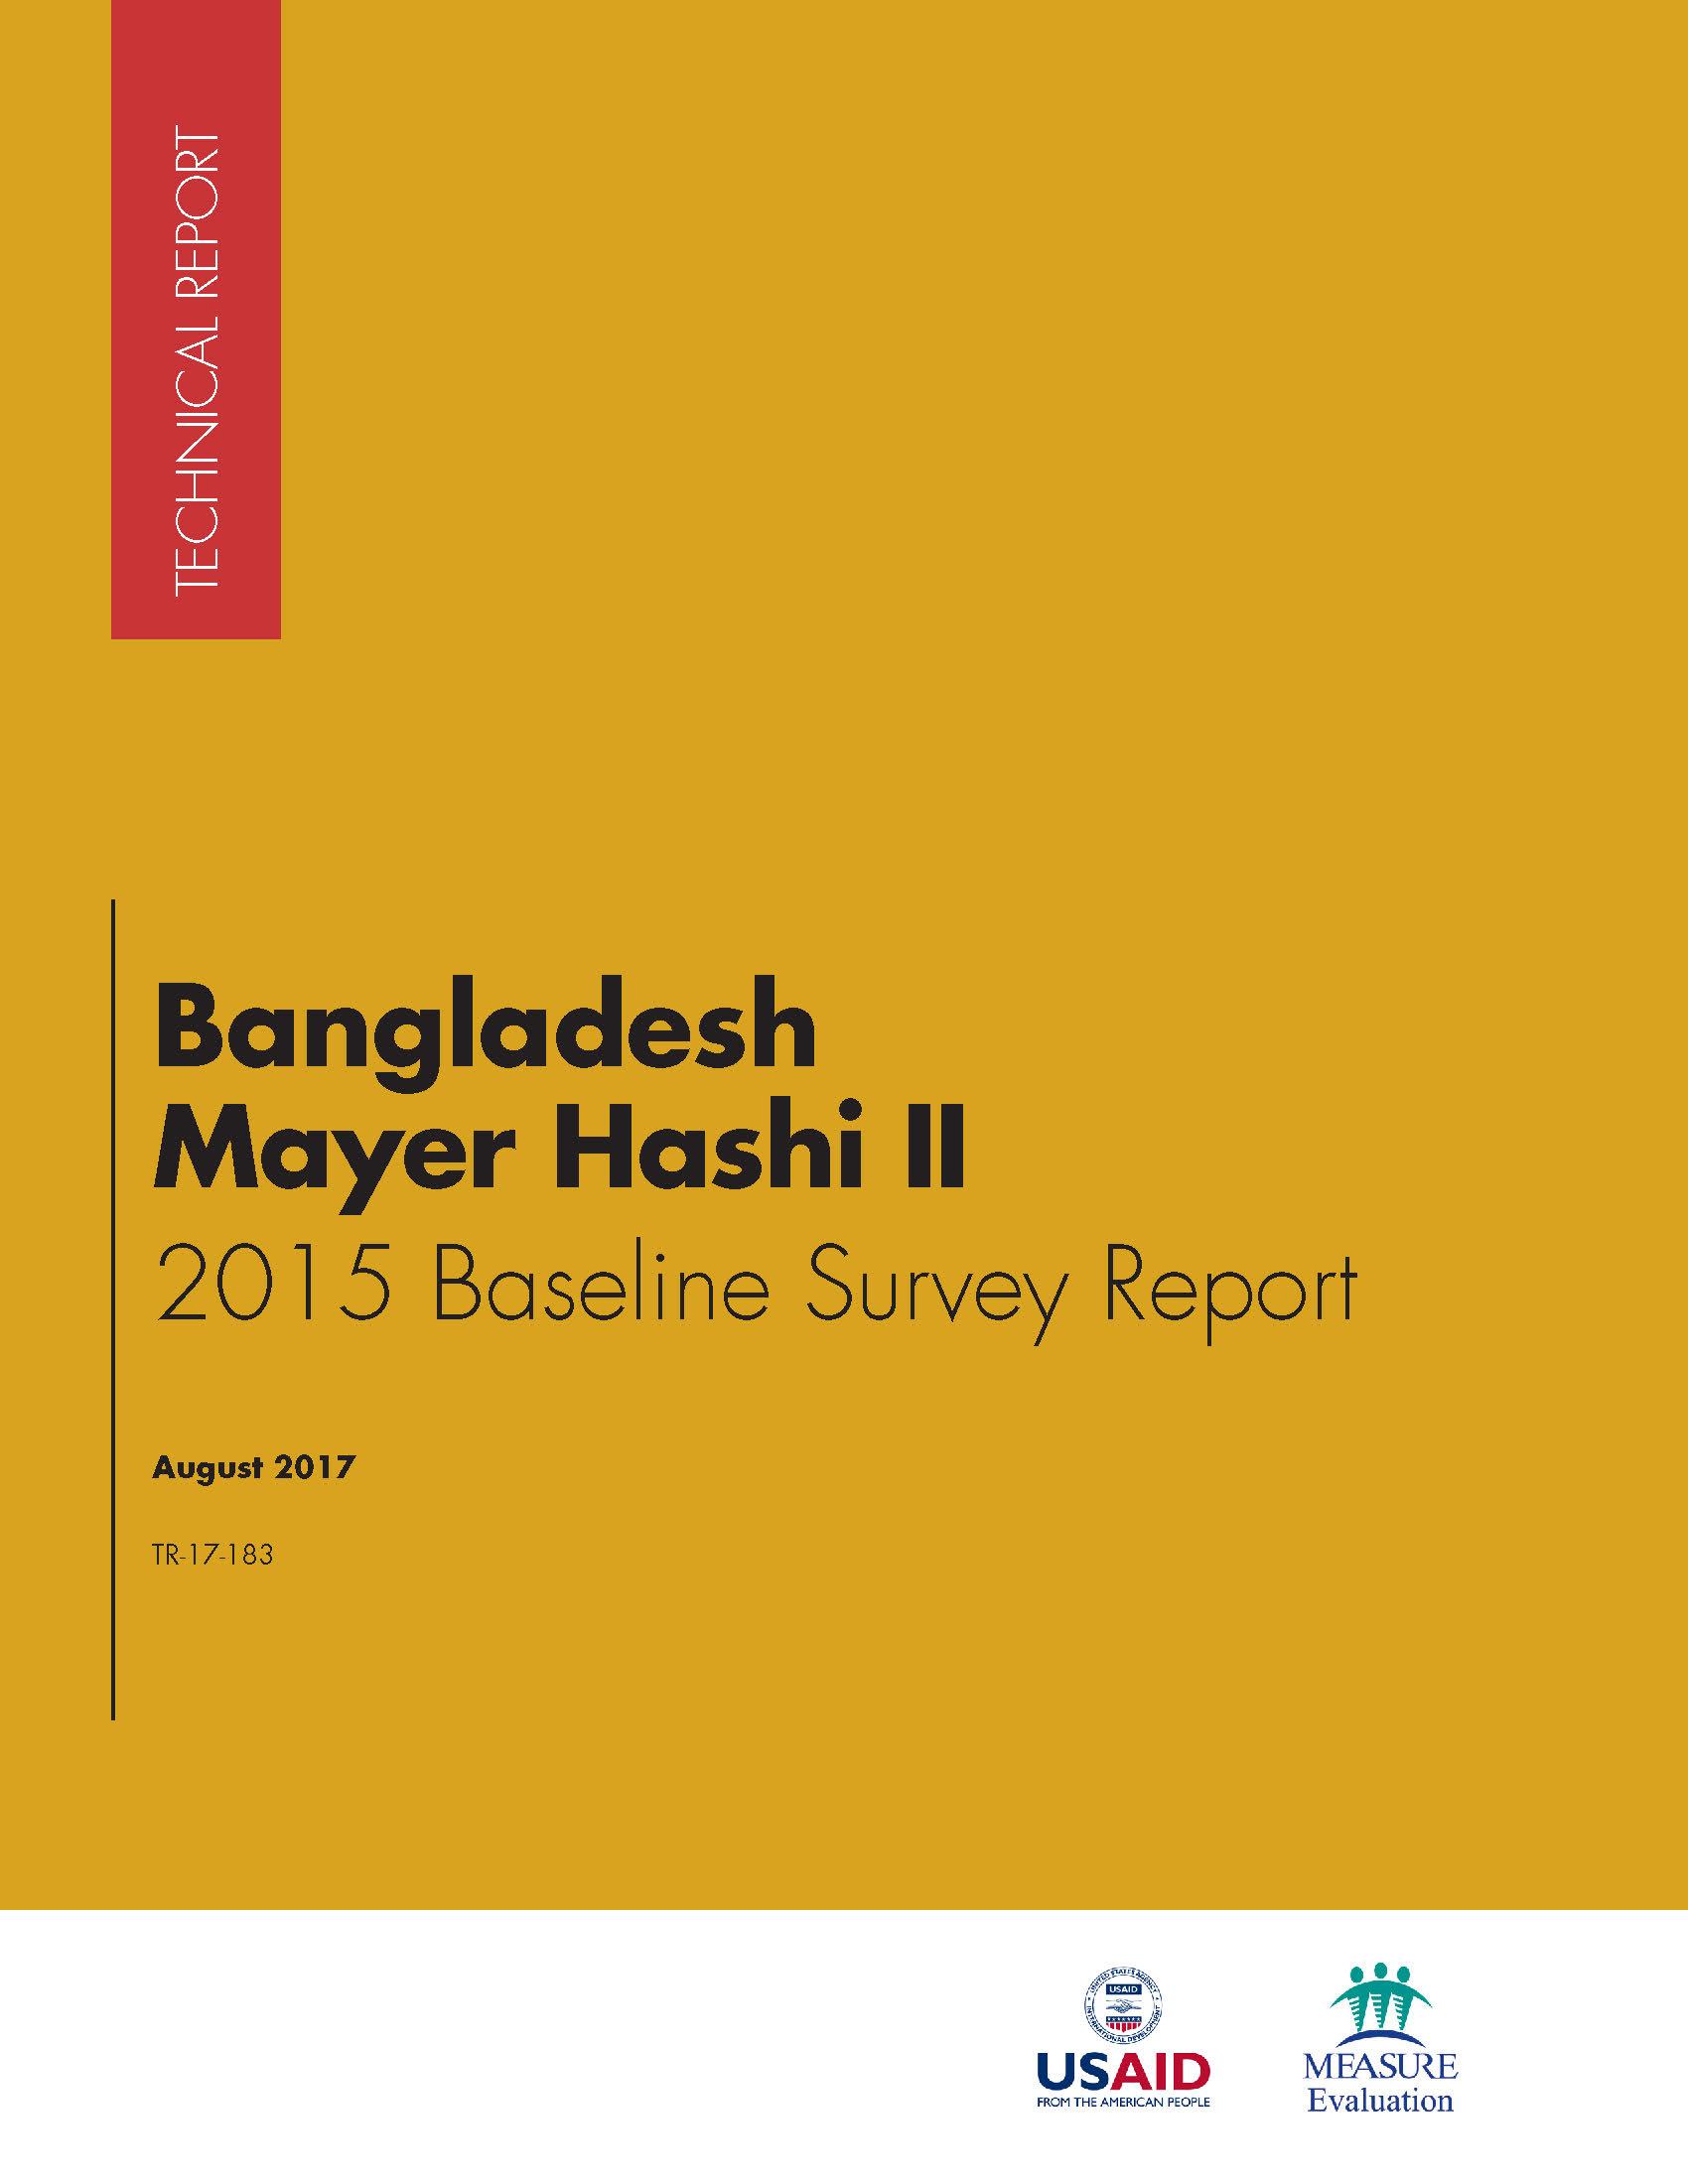 Bangladesh Mayer Hashi II  2015 Baseline Survey Report